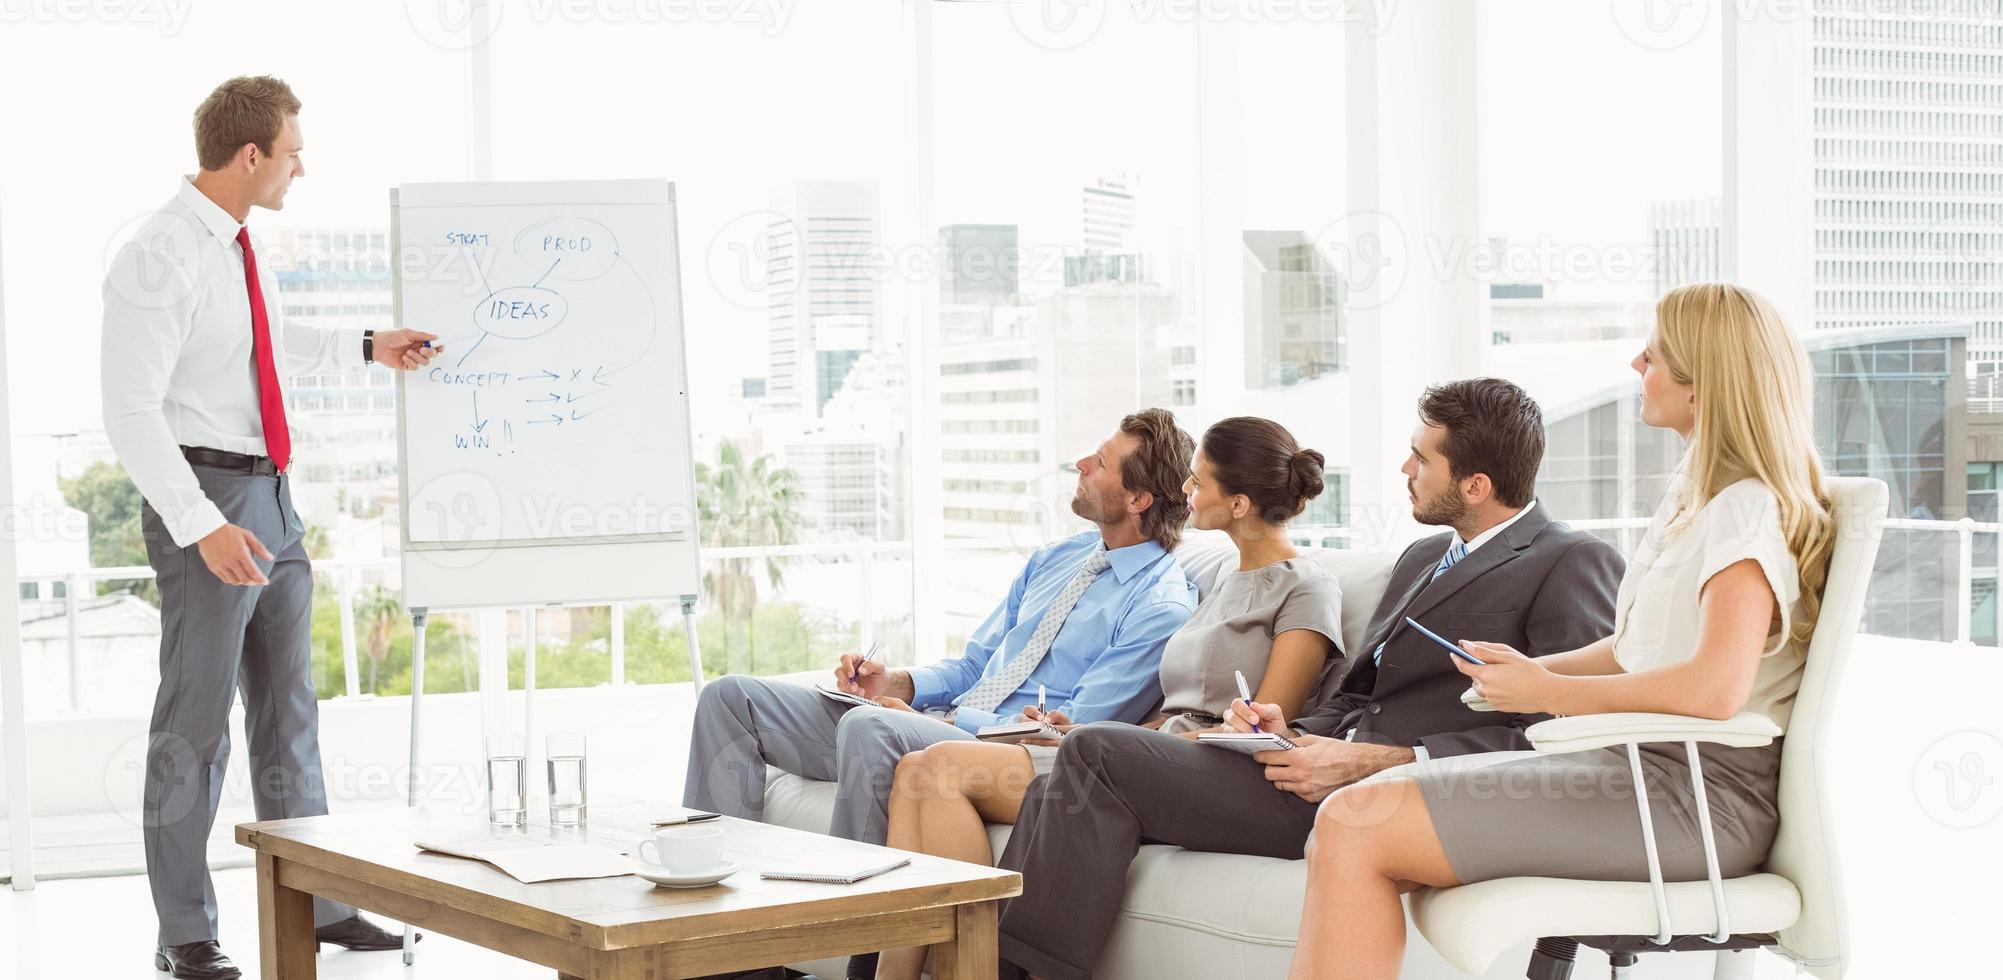 empresário dando apresentação no escritório foto